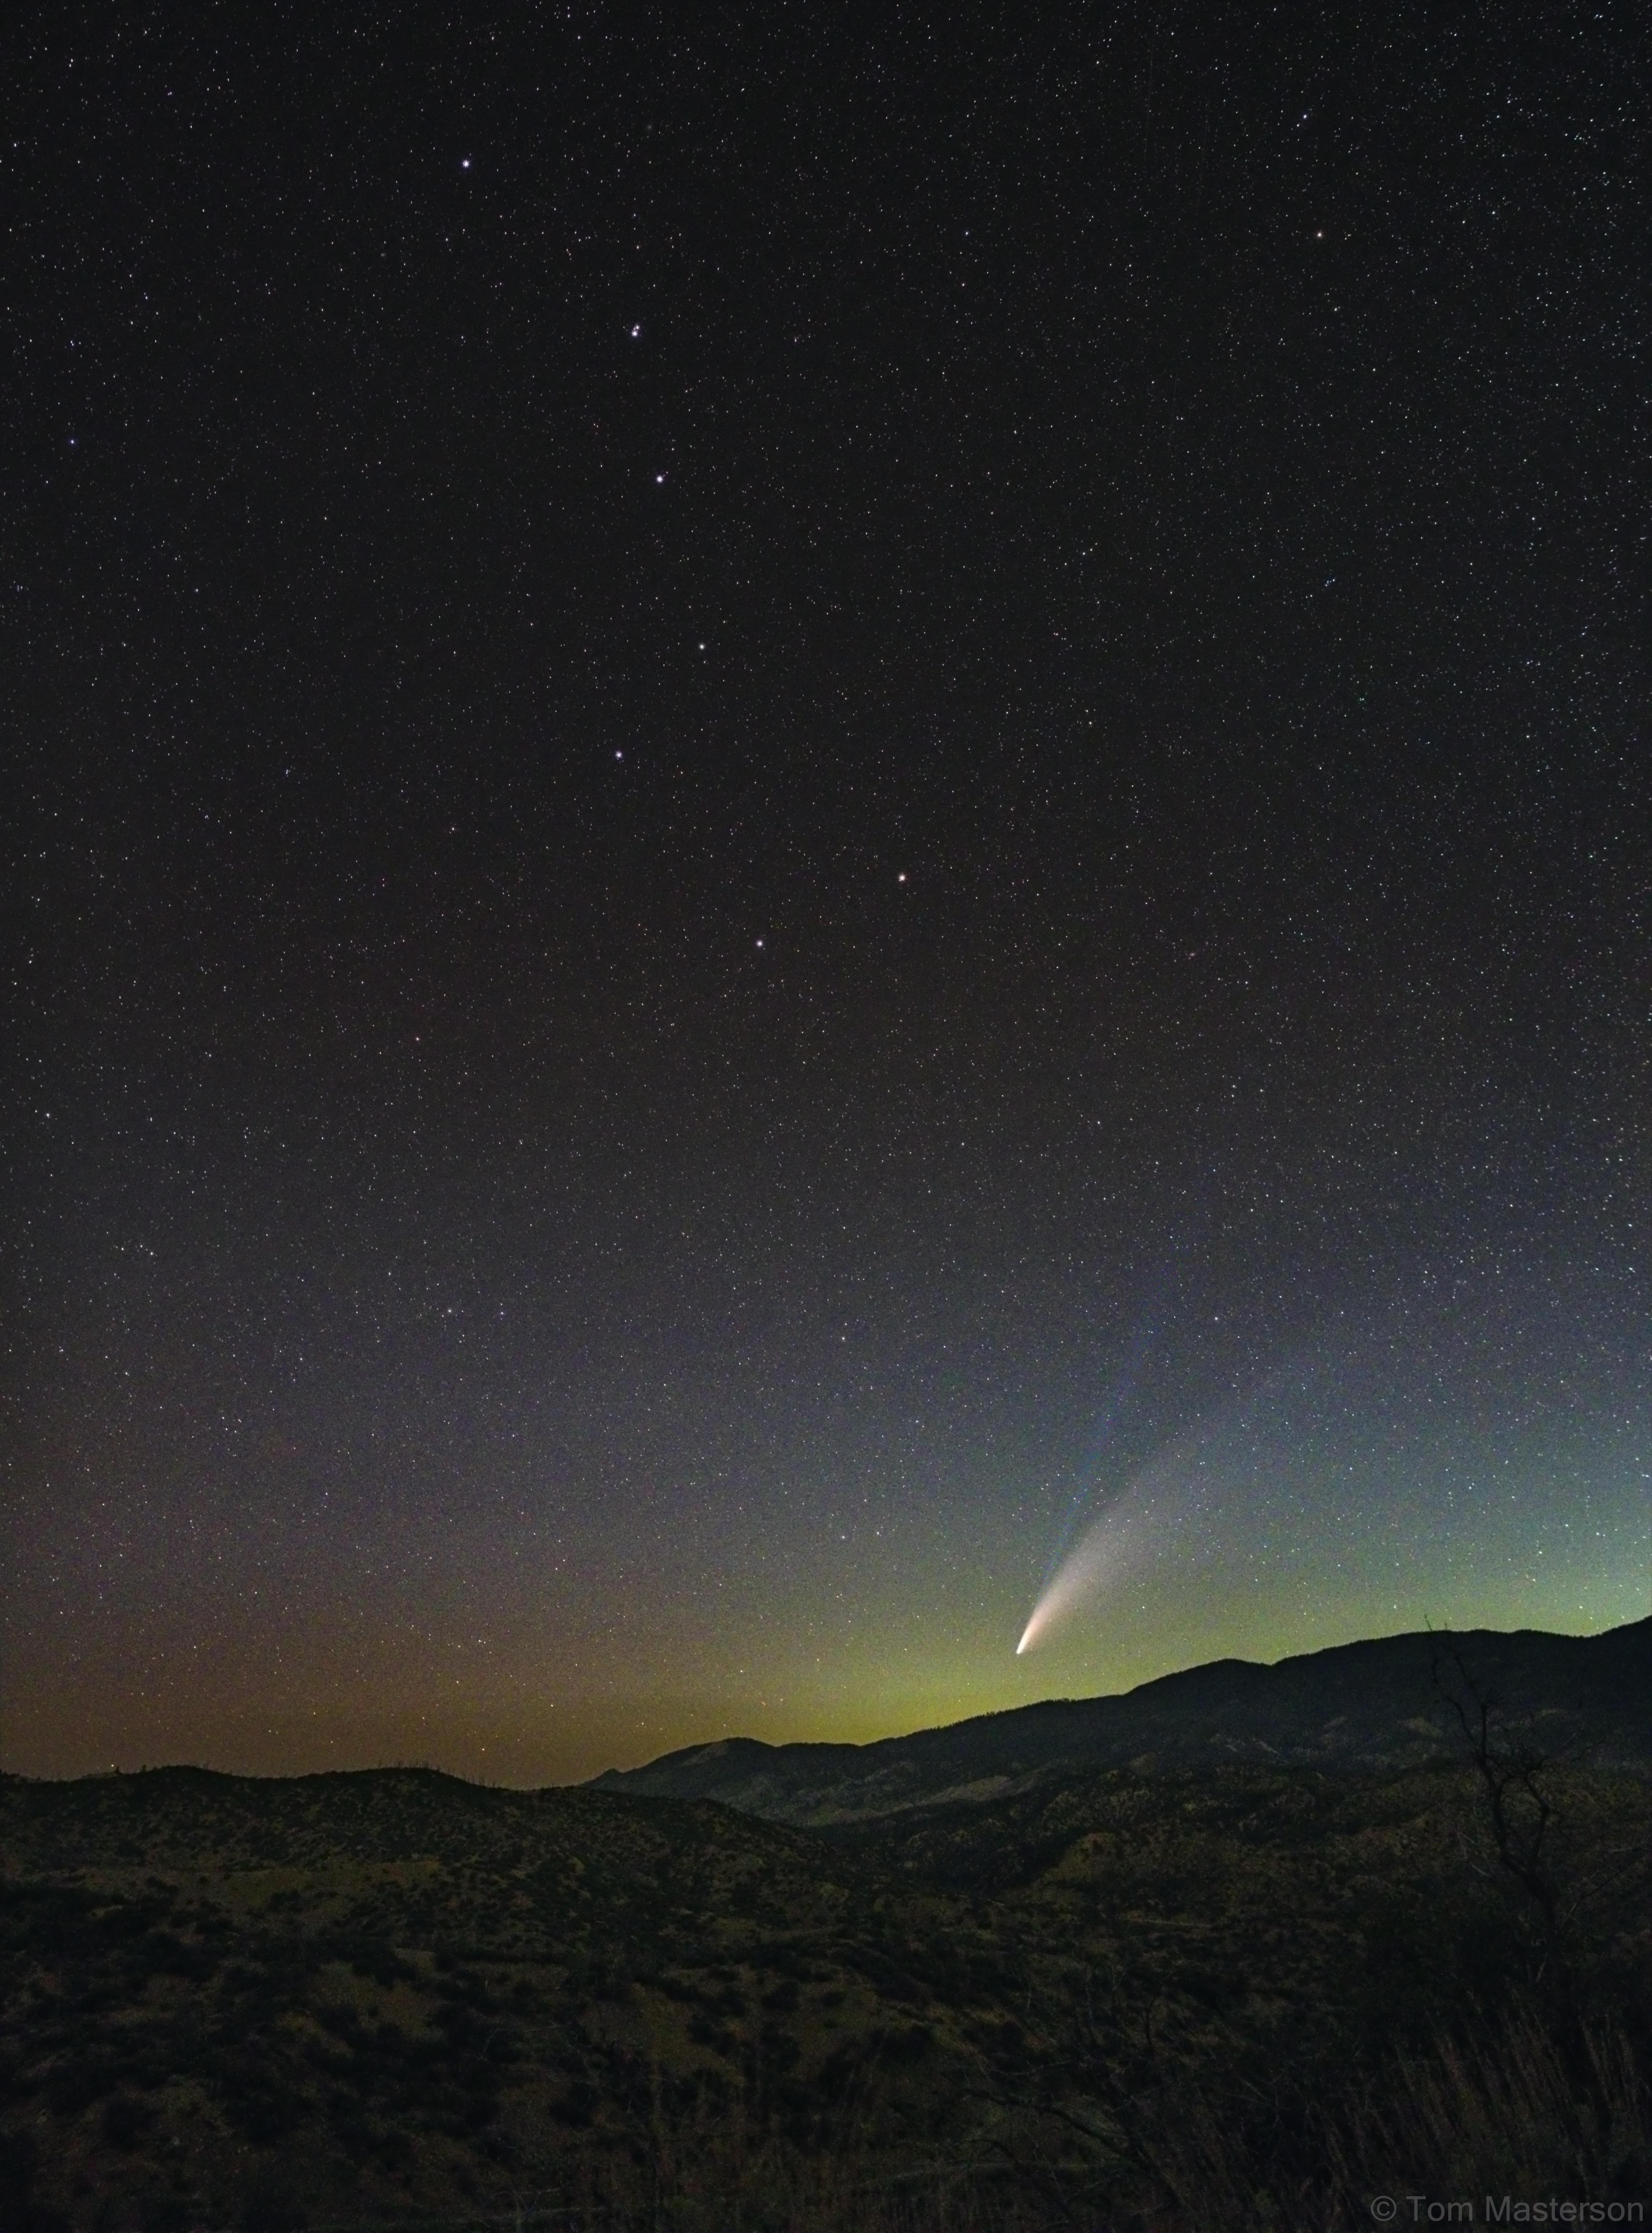 Comet NEOWISE Below the Big Dipper